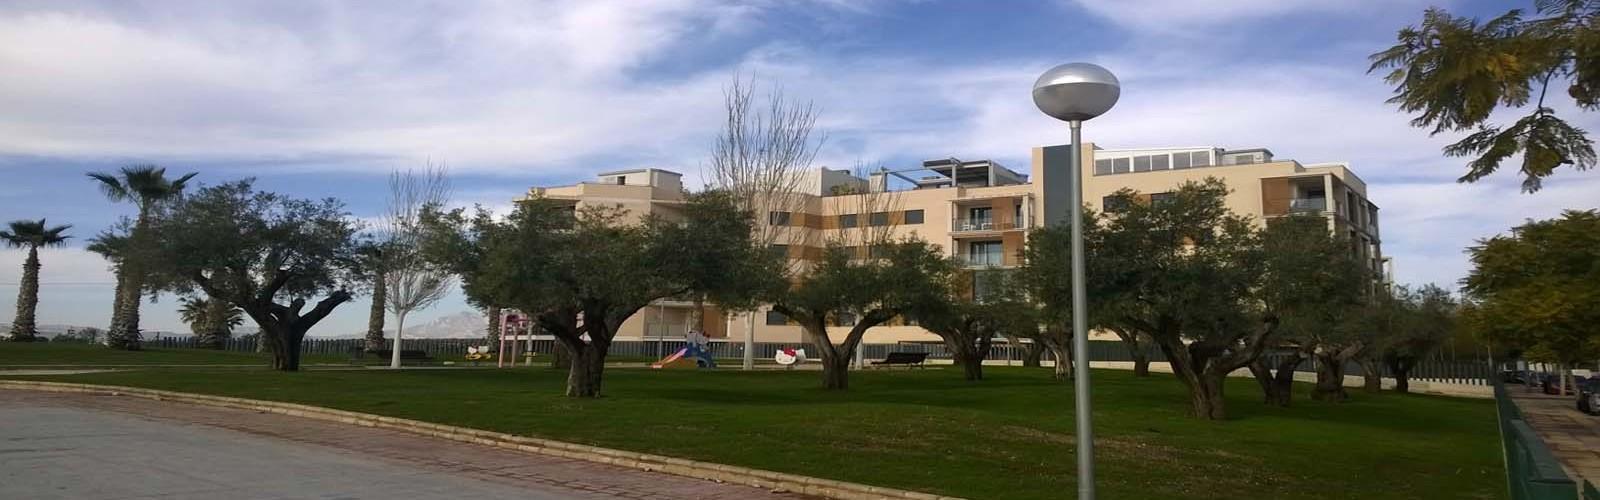 Casas Alicante